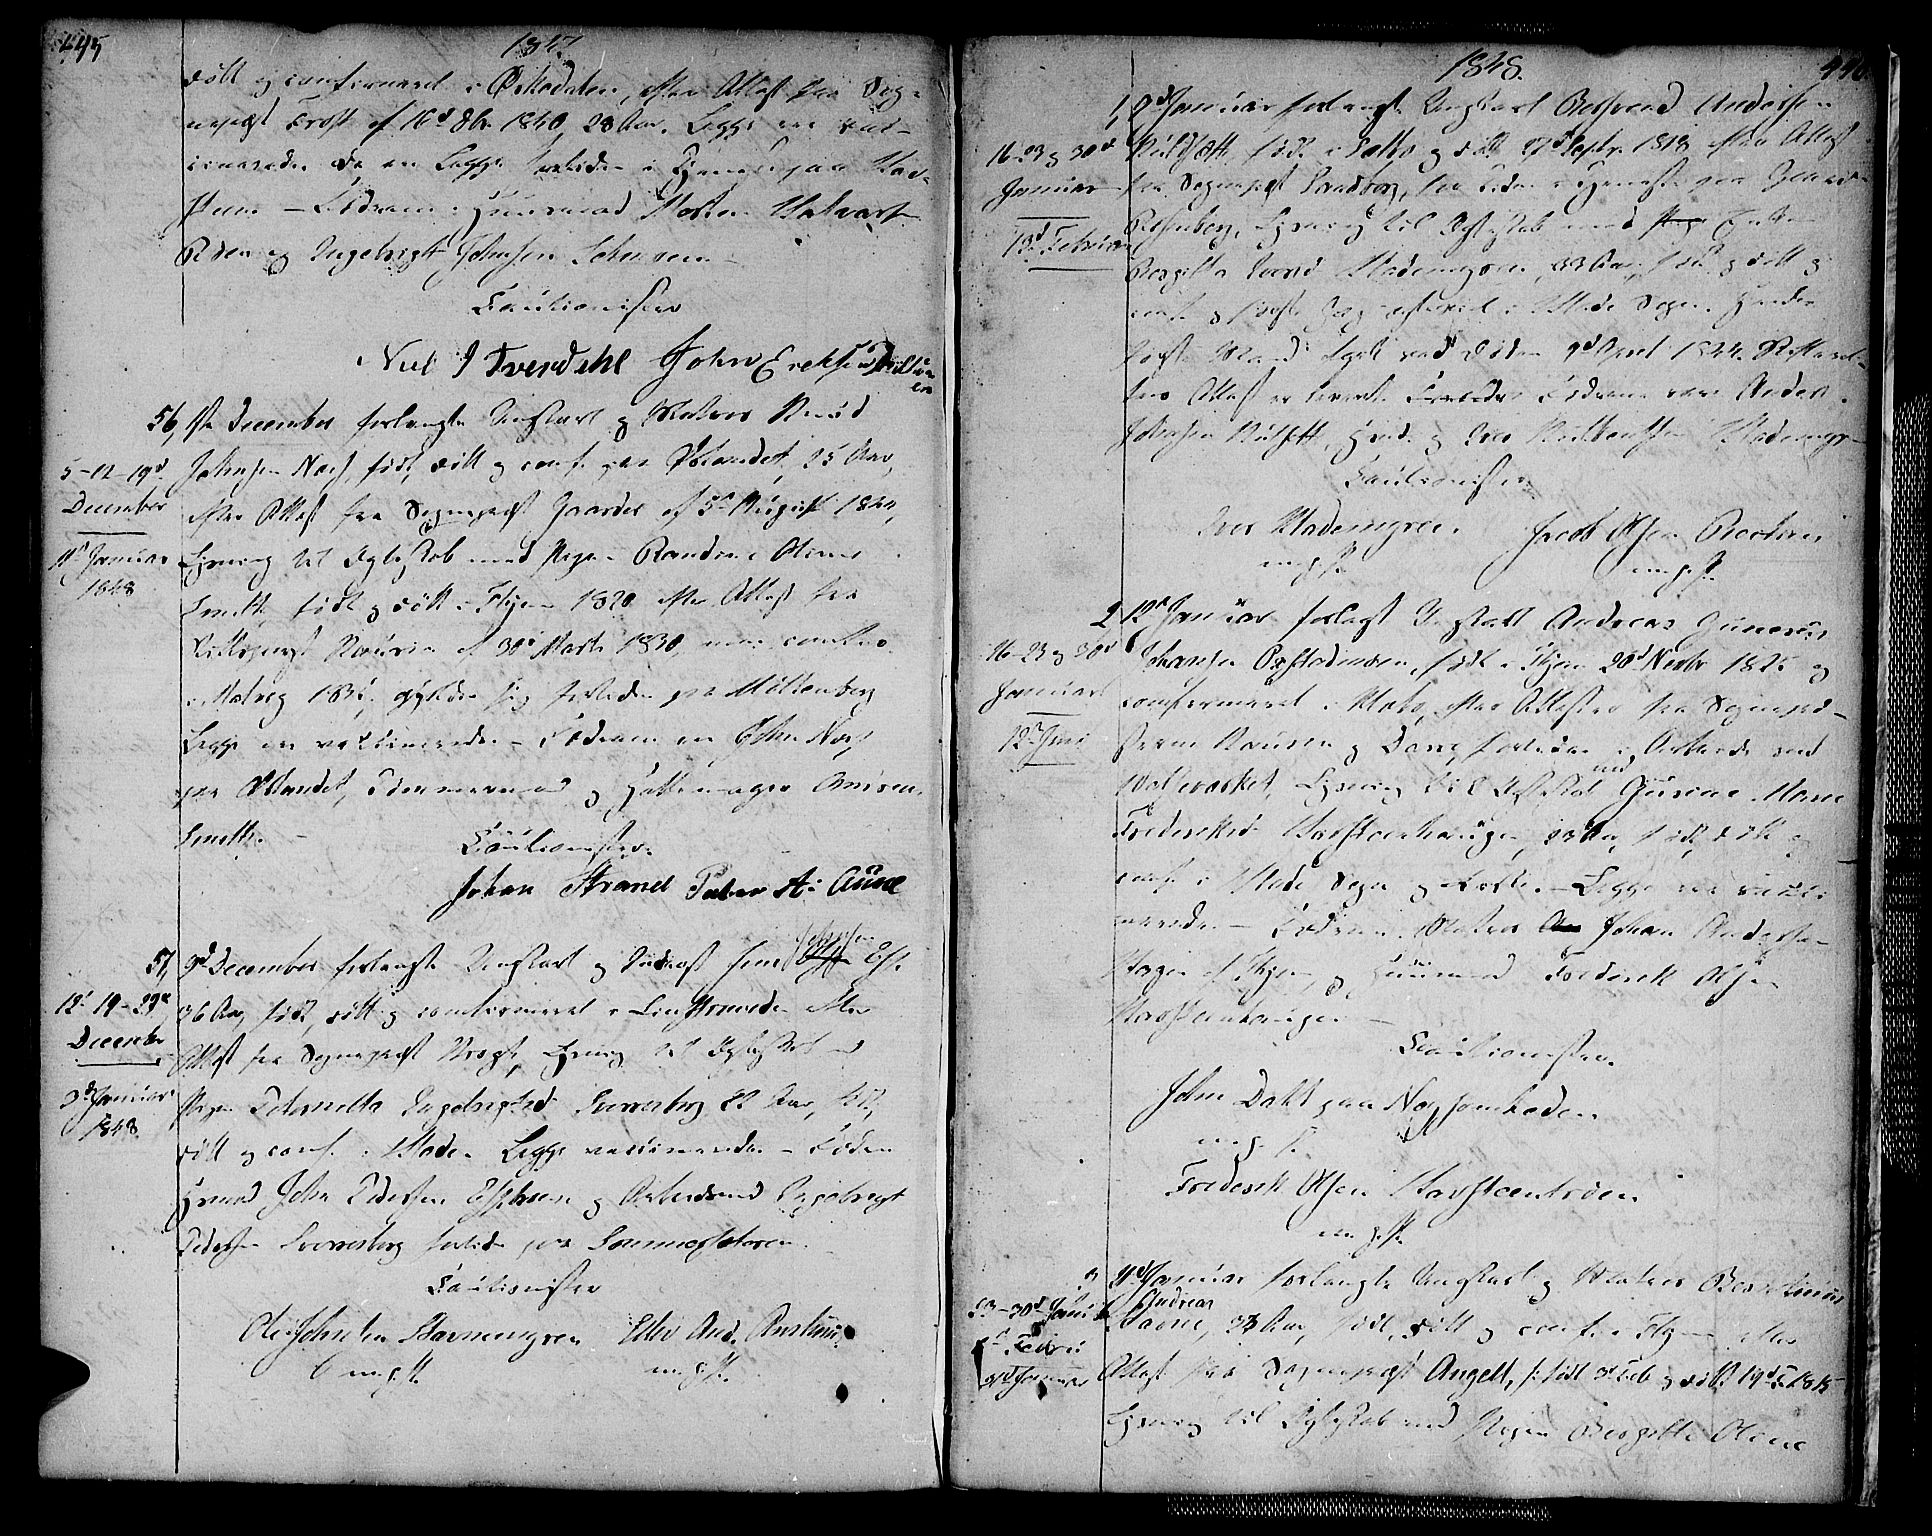 SAT, Ministerialprotokoller, klokkerbøker og fødselsregistre - Sør-Trøndelag, 604/L0181: Ministerialbok nr. 604A02, 1798-1817, s. 445-446